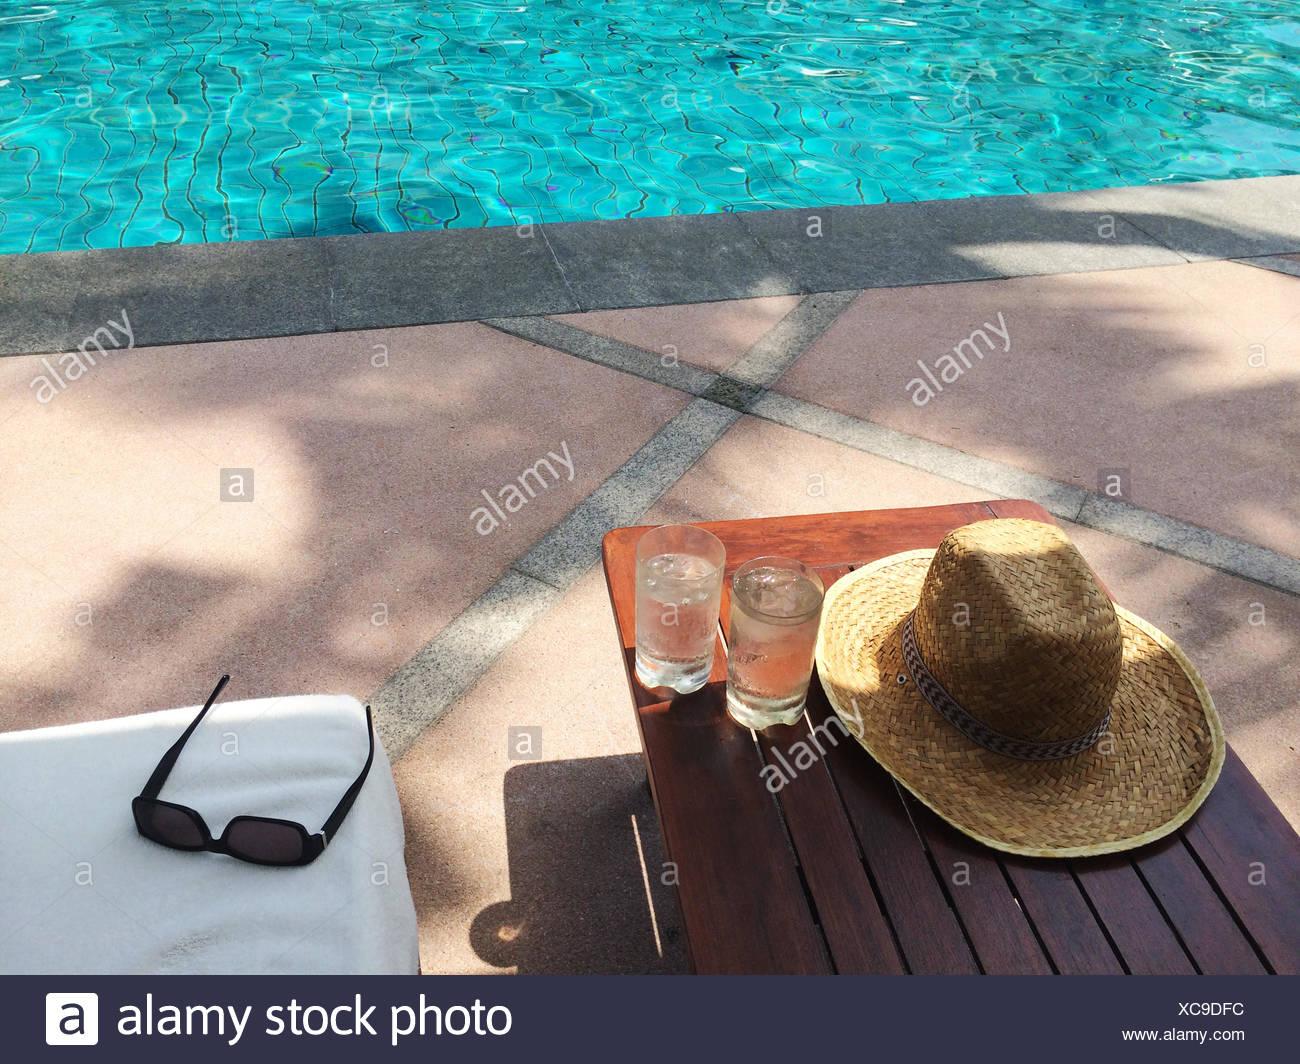 La paglia cappello per il sole, occhiali da sole e due bicchieri di acqua dalla piscina Immagini Stock